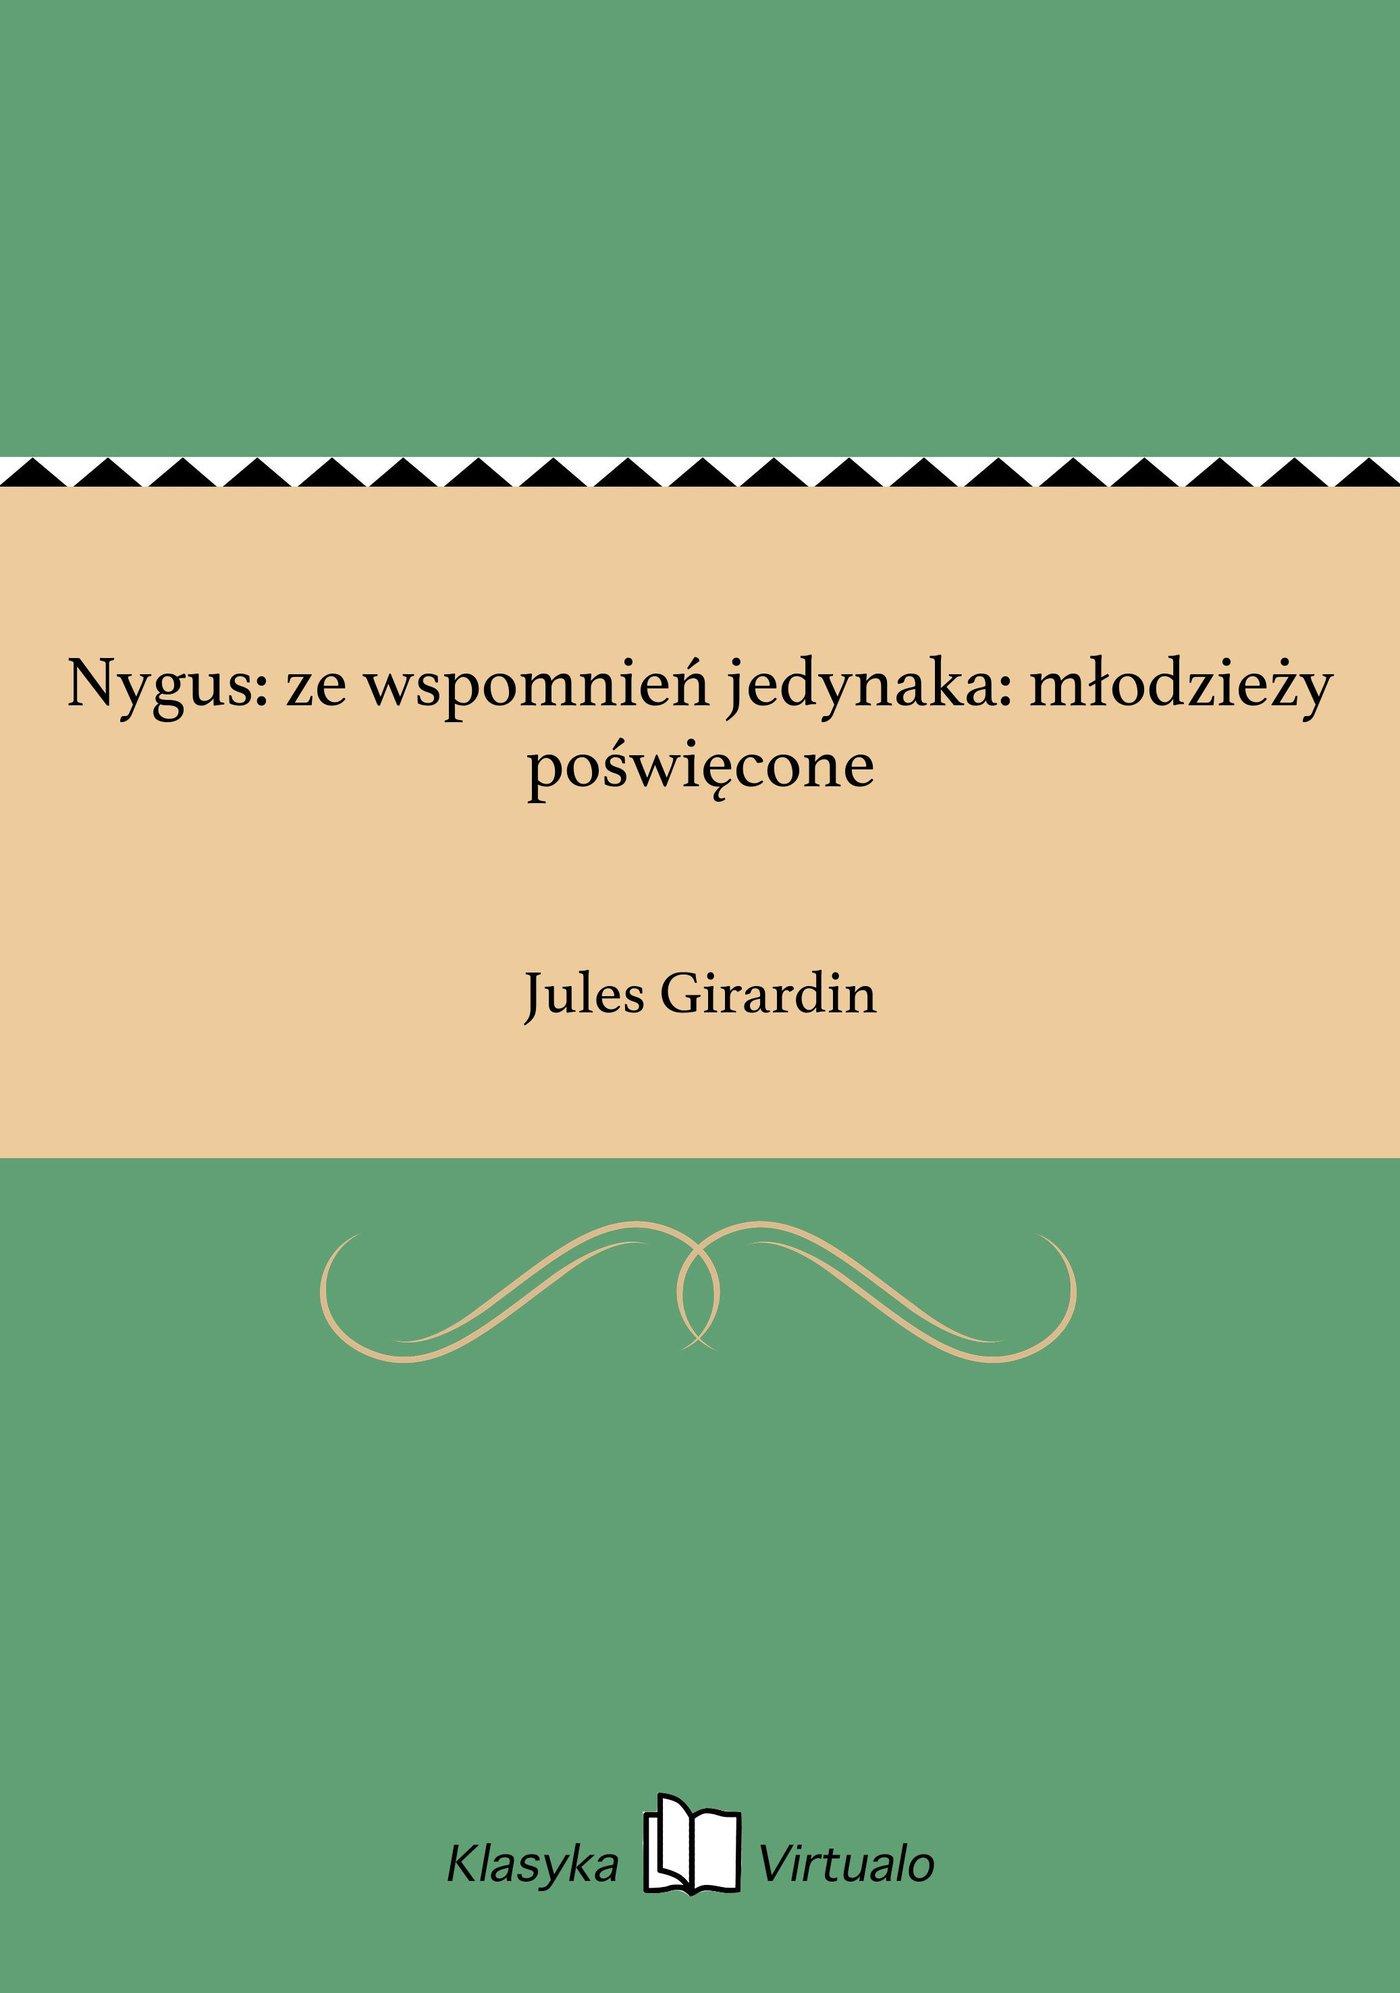 Nygus: ze wspomnień jedynaka: młodzieży poświęcone - Ebook (Książka na Kindle) do pobrania w formacie MOBI